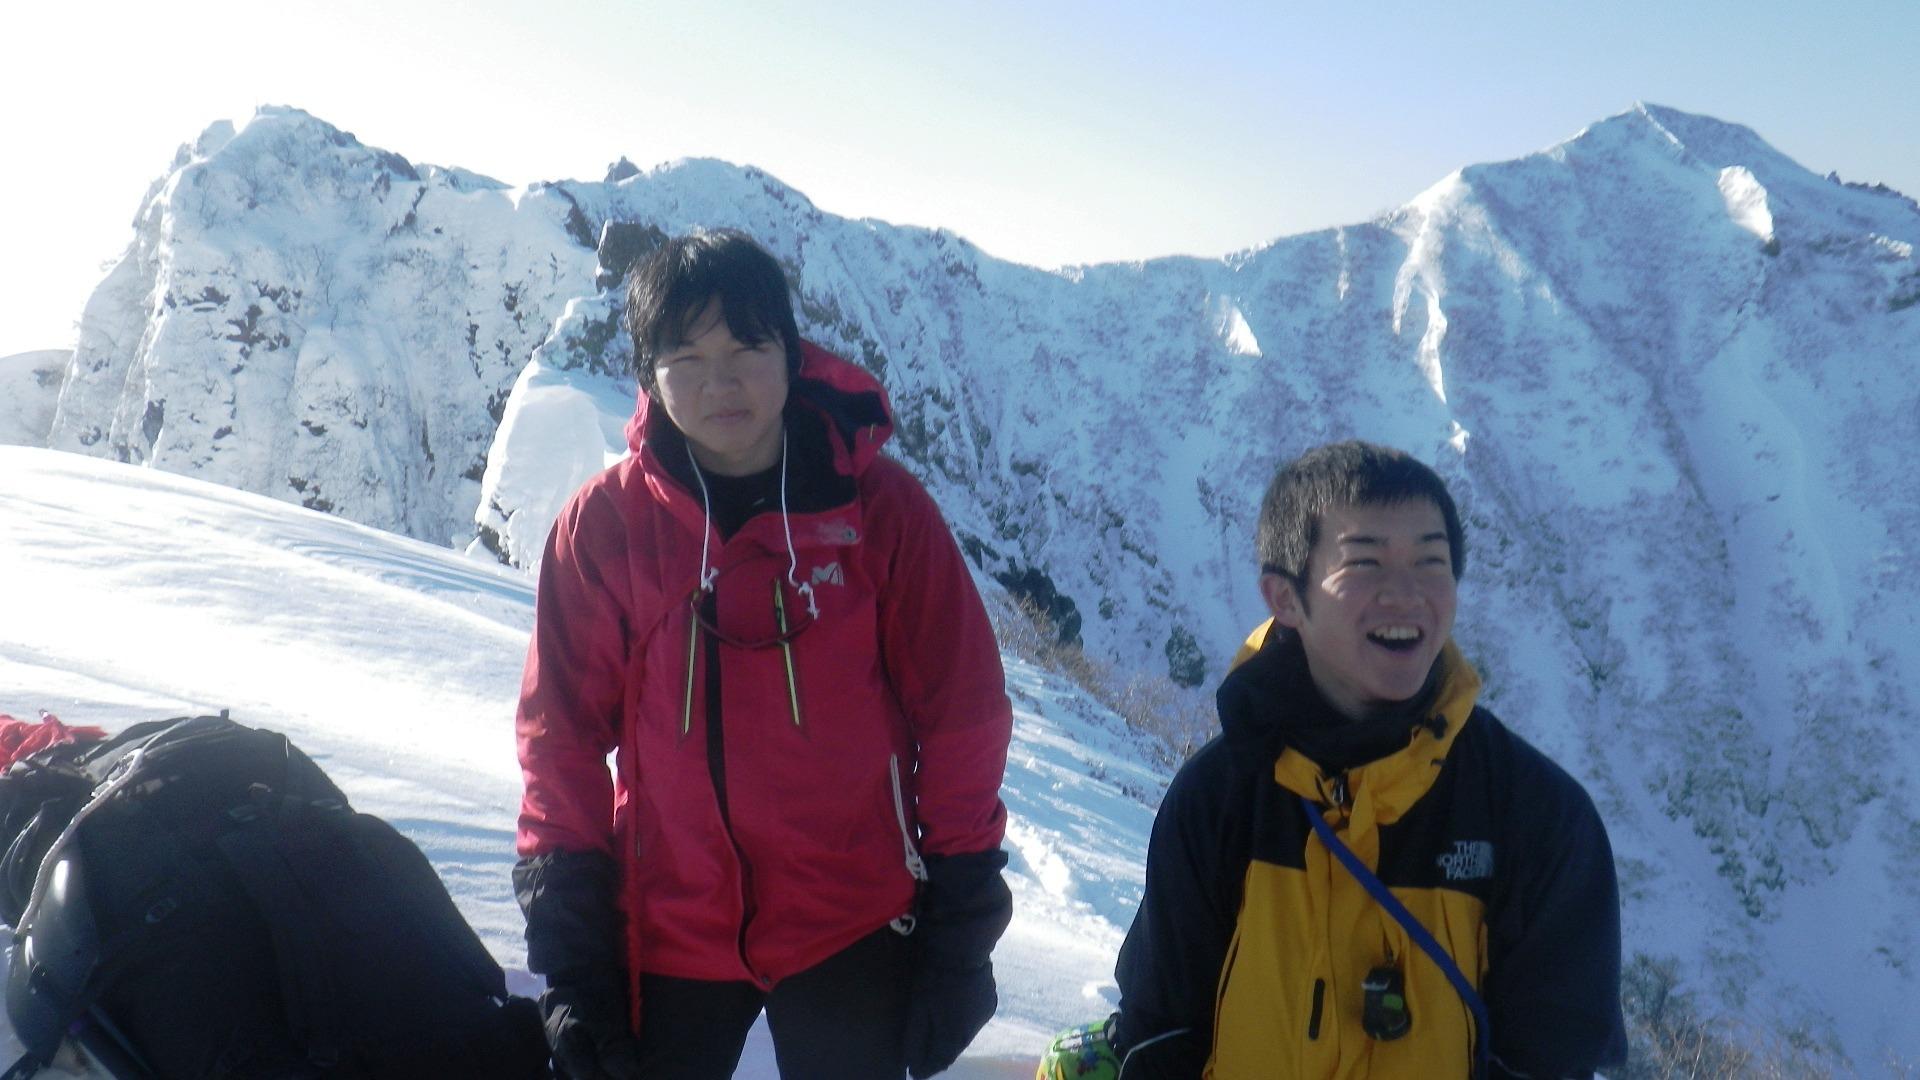 冬の八ヶ岳にSACが集う【八ヶ岳キレット縦走】_d0237801_1175865.jpg